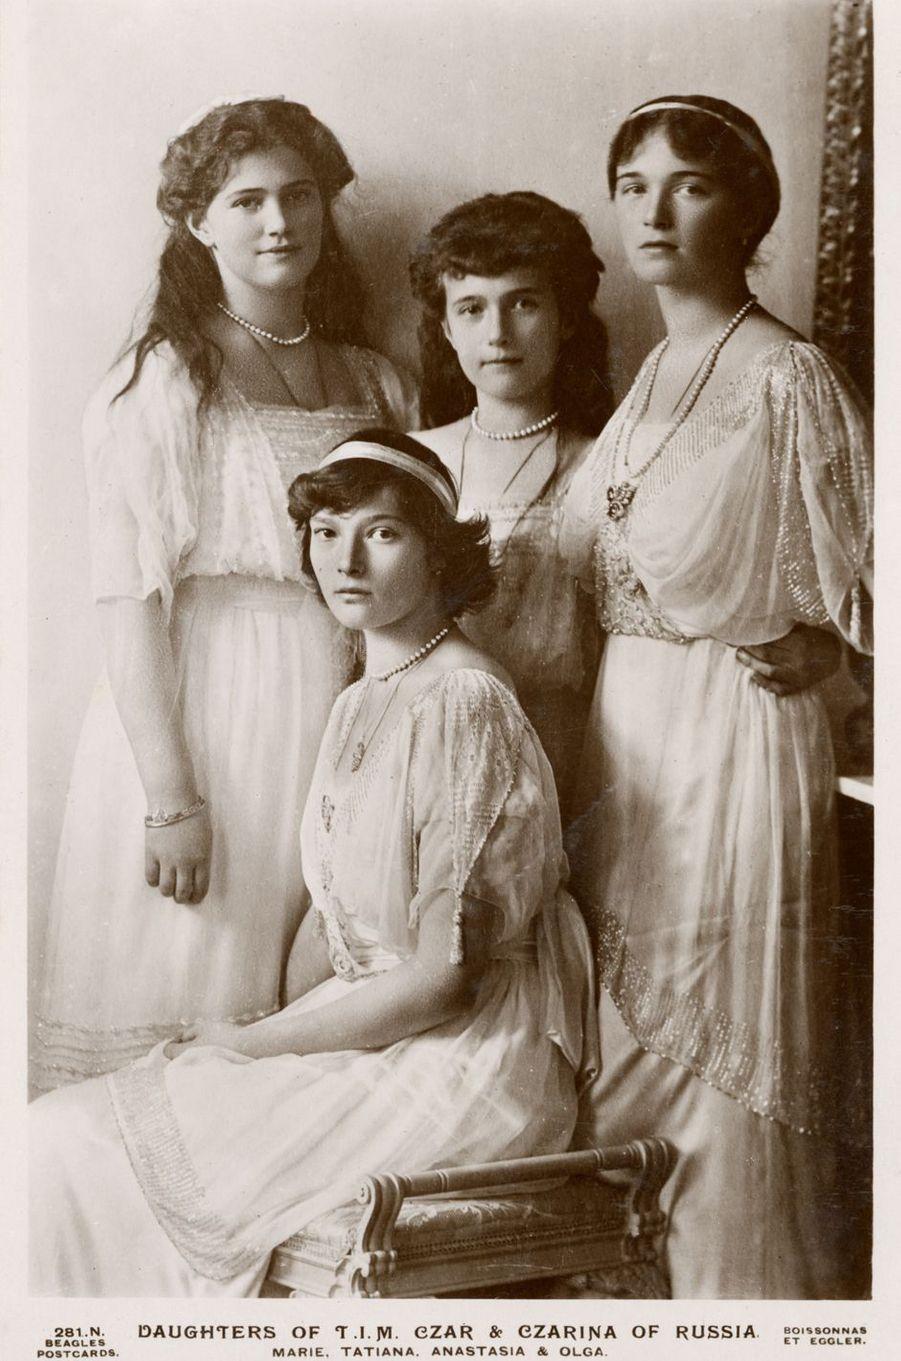 Les grandes-duchesses Maria, Tatiana, Anastasia et Olga de Russie. Photo non datée